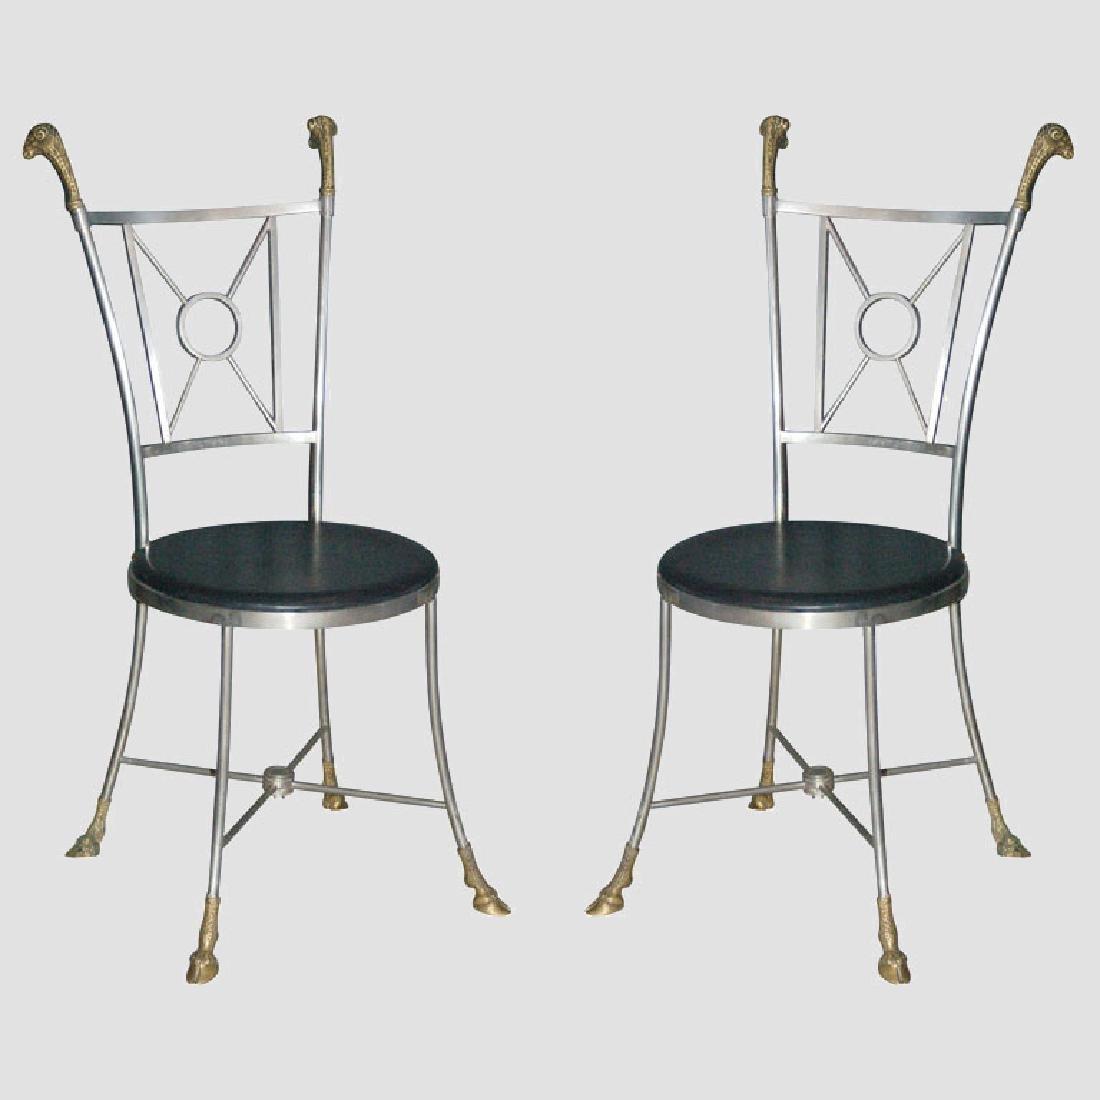 Maison Jansen Steel & Brass Chairs